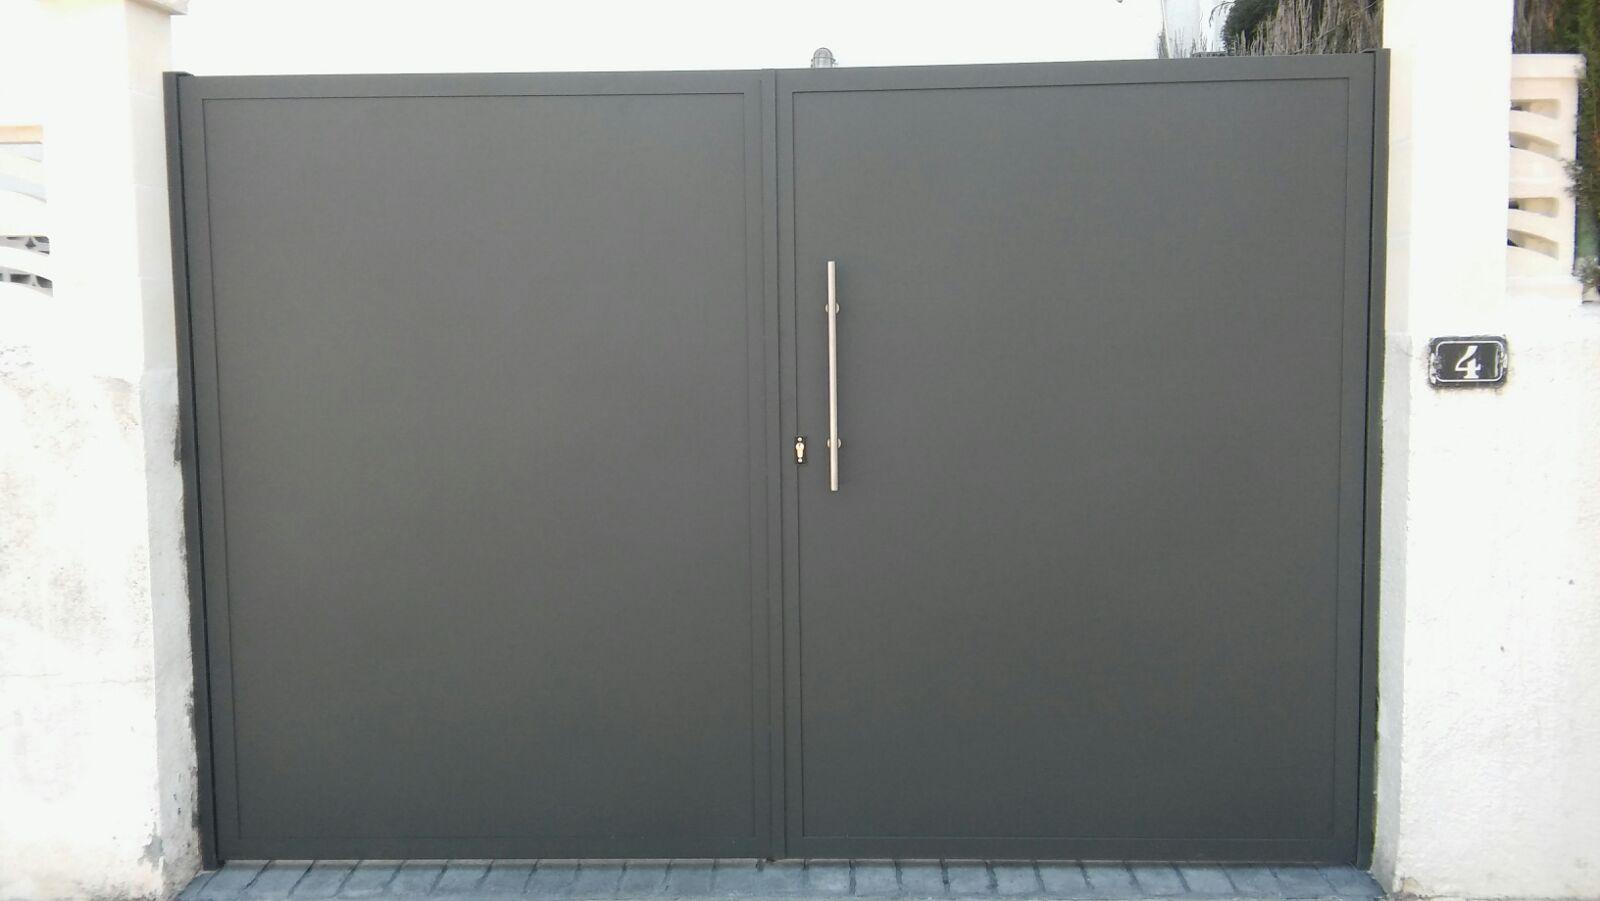 Otros modelos de puertas - Puerta chapa galvanizada ...